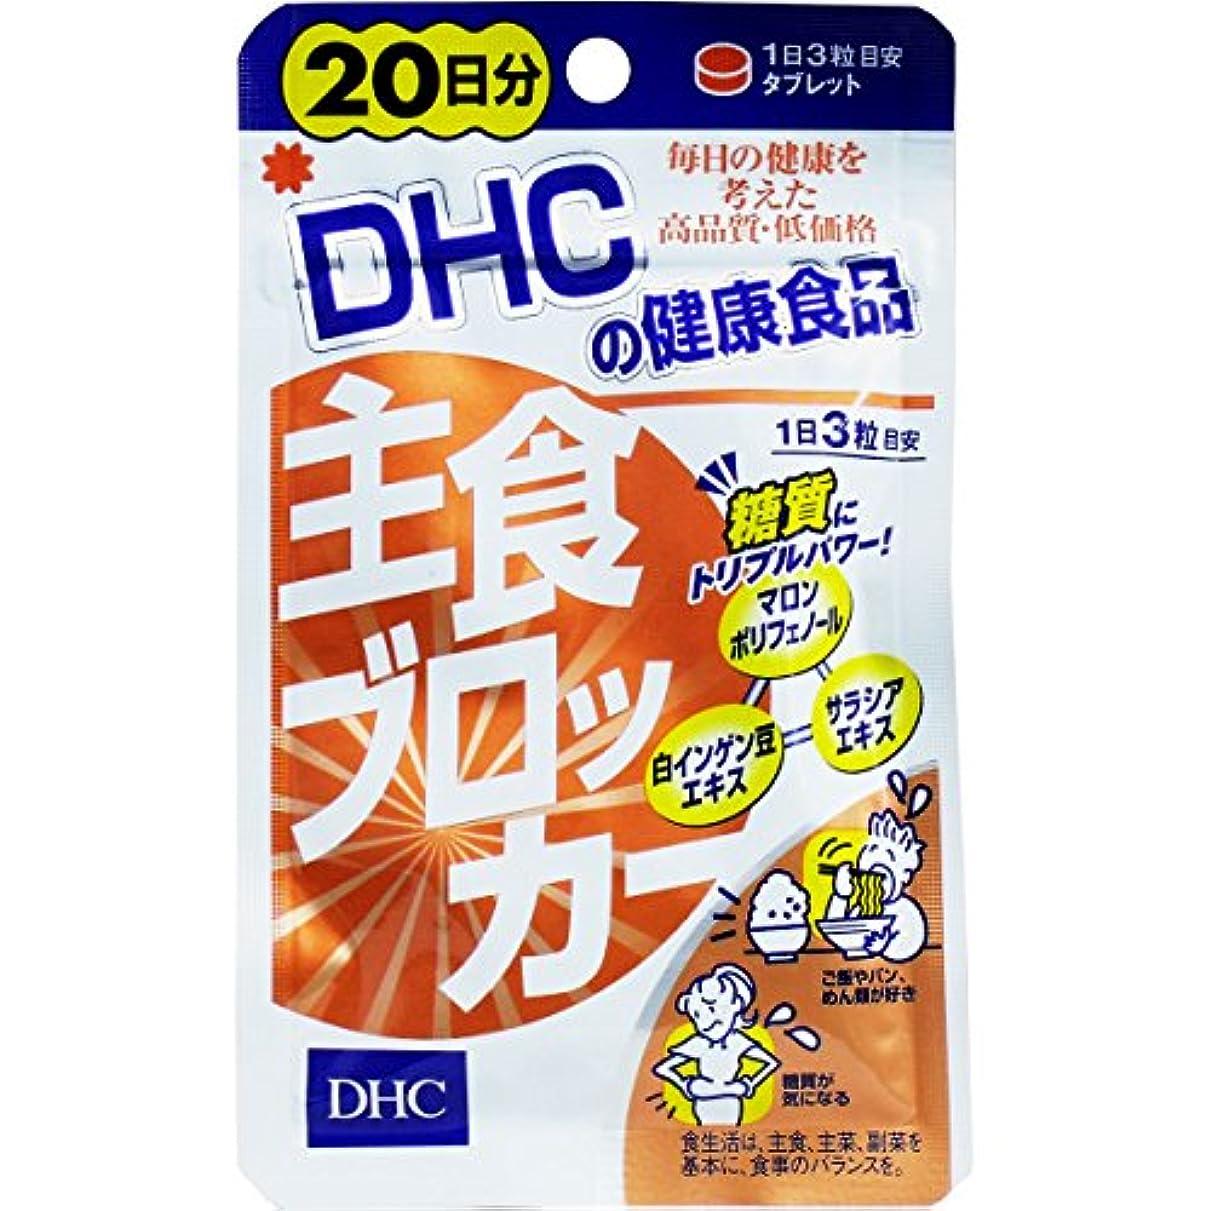 セーブ発動機グレードダイエット トリプルパワーでため込み対策 栄養機能食品 DHC 主食ブロッカー 20日分 60粒入【2個セット】